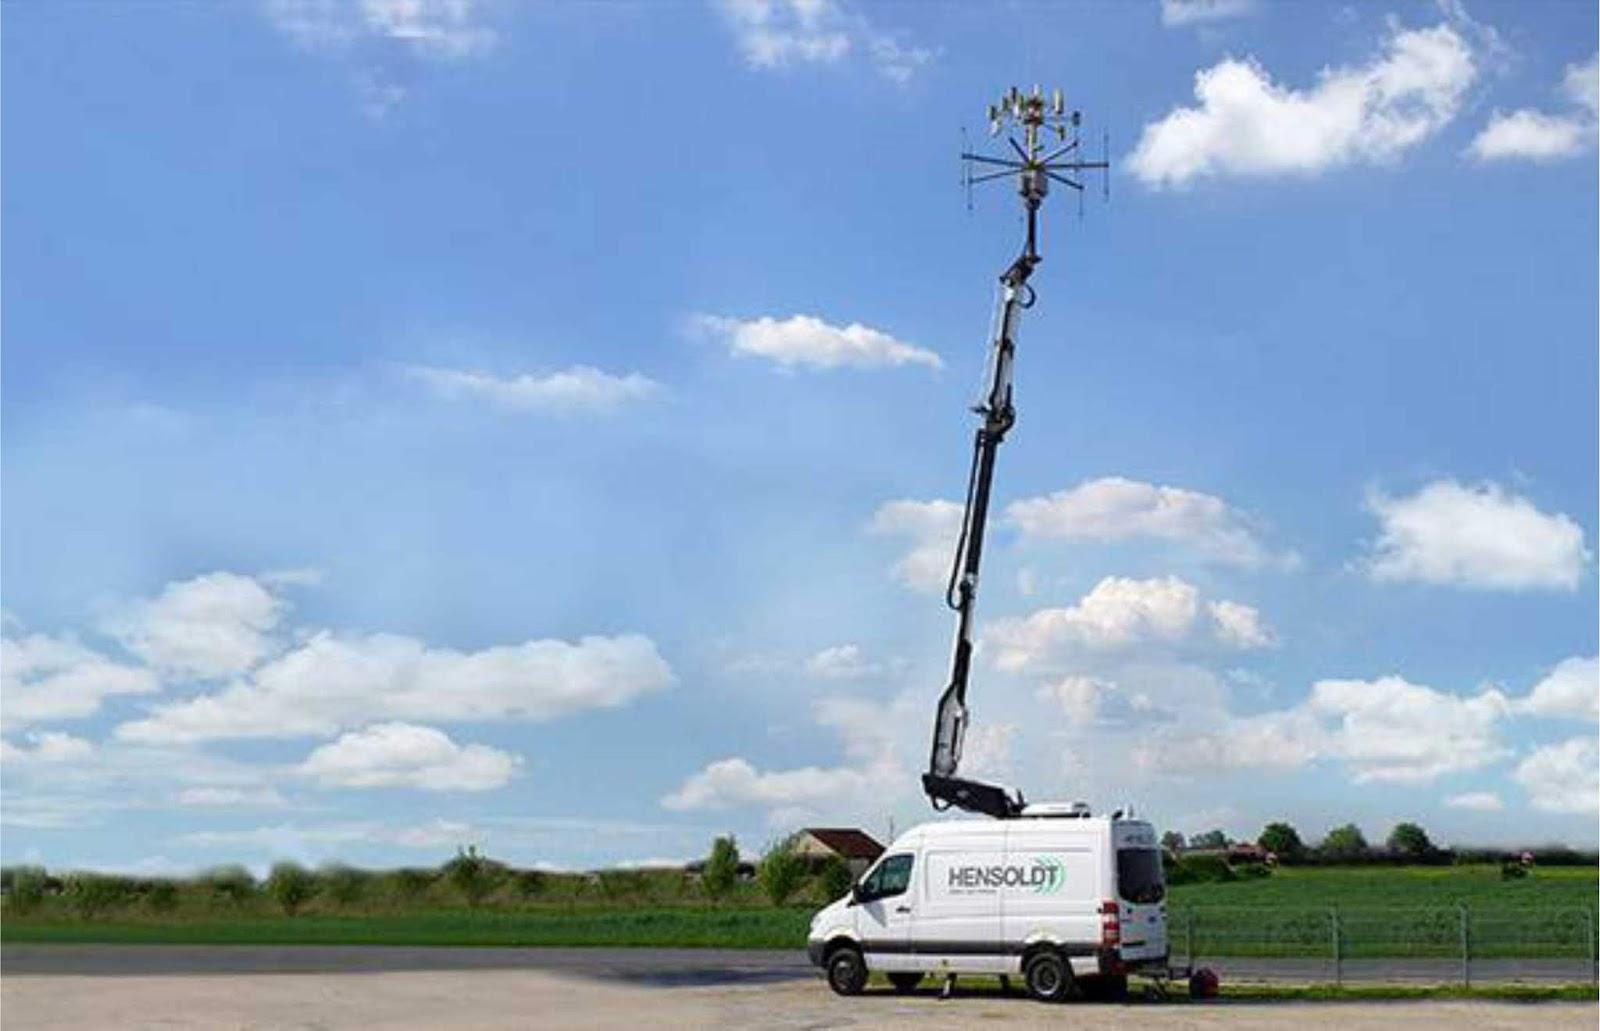 Jerman mengembangkan radar untuk mendeteksi pesawat tempur siluman